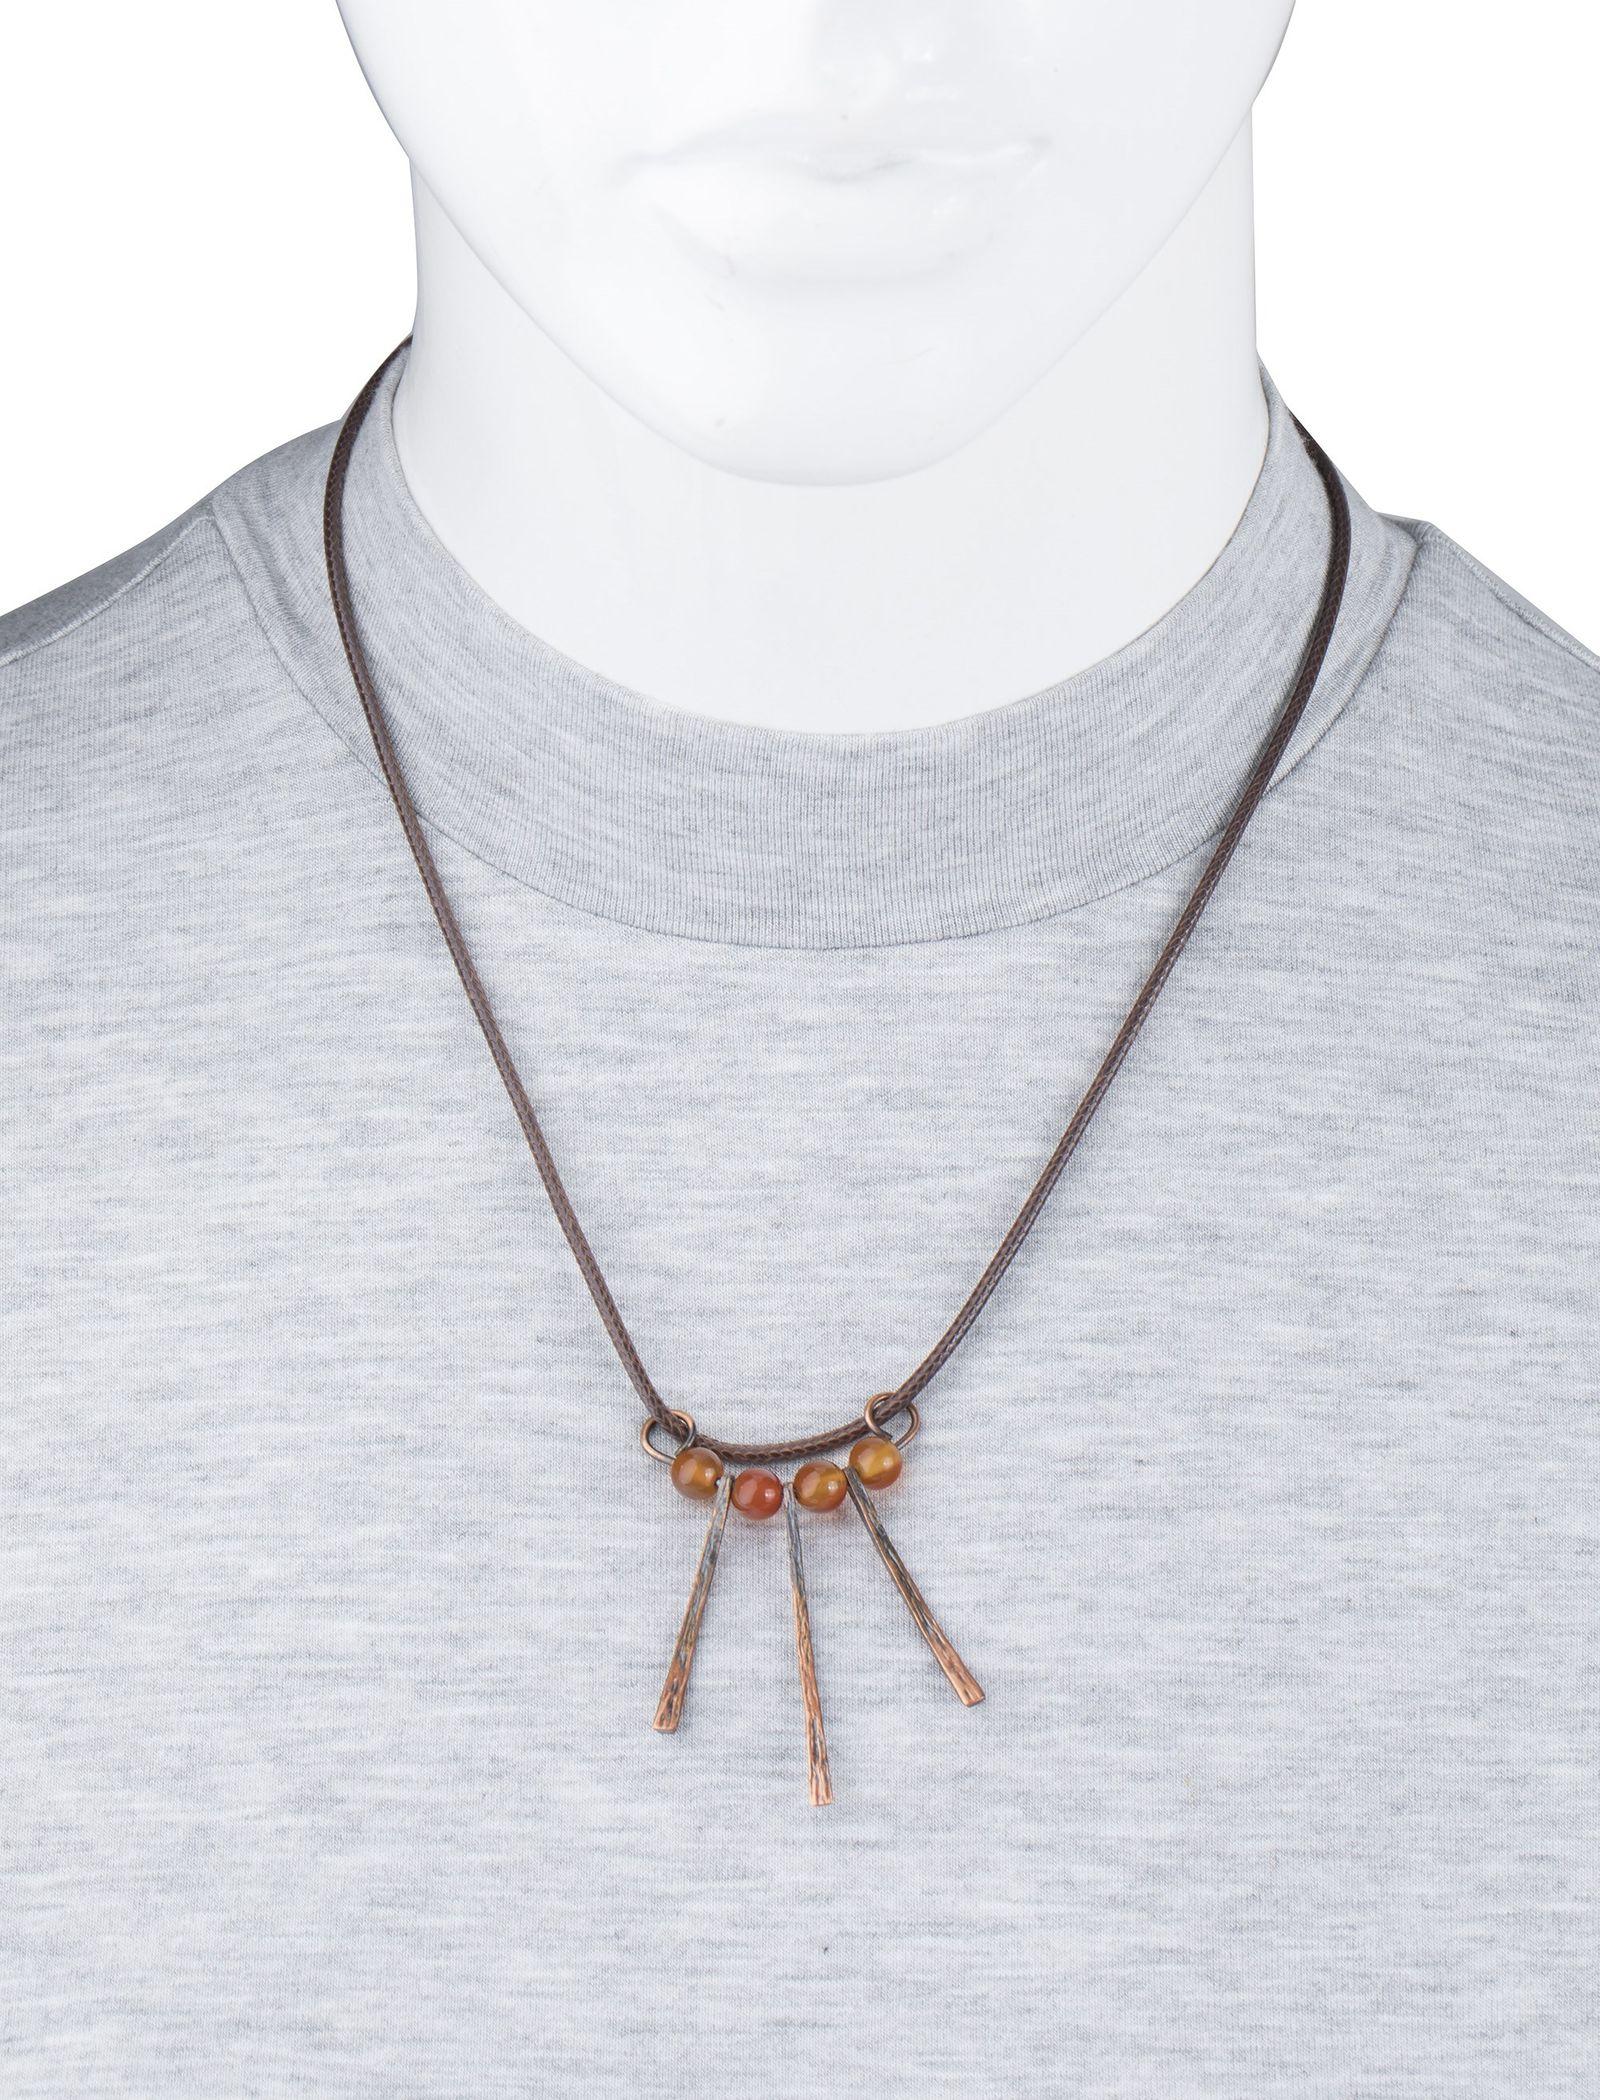 گردنبند آویز زنانه - زرمس تک سایز - قهوه اي - 4